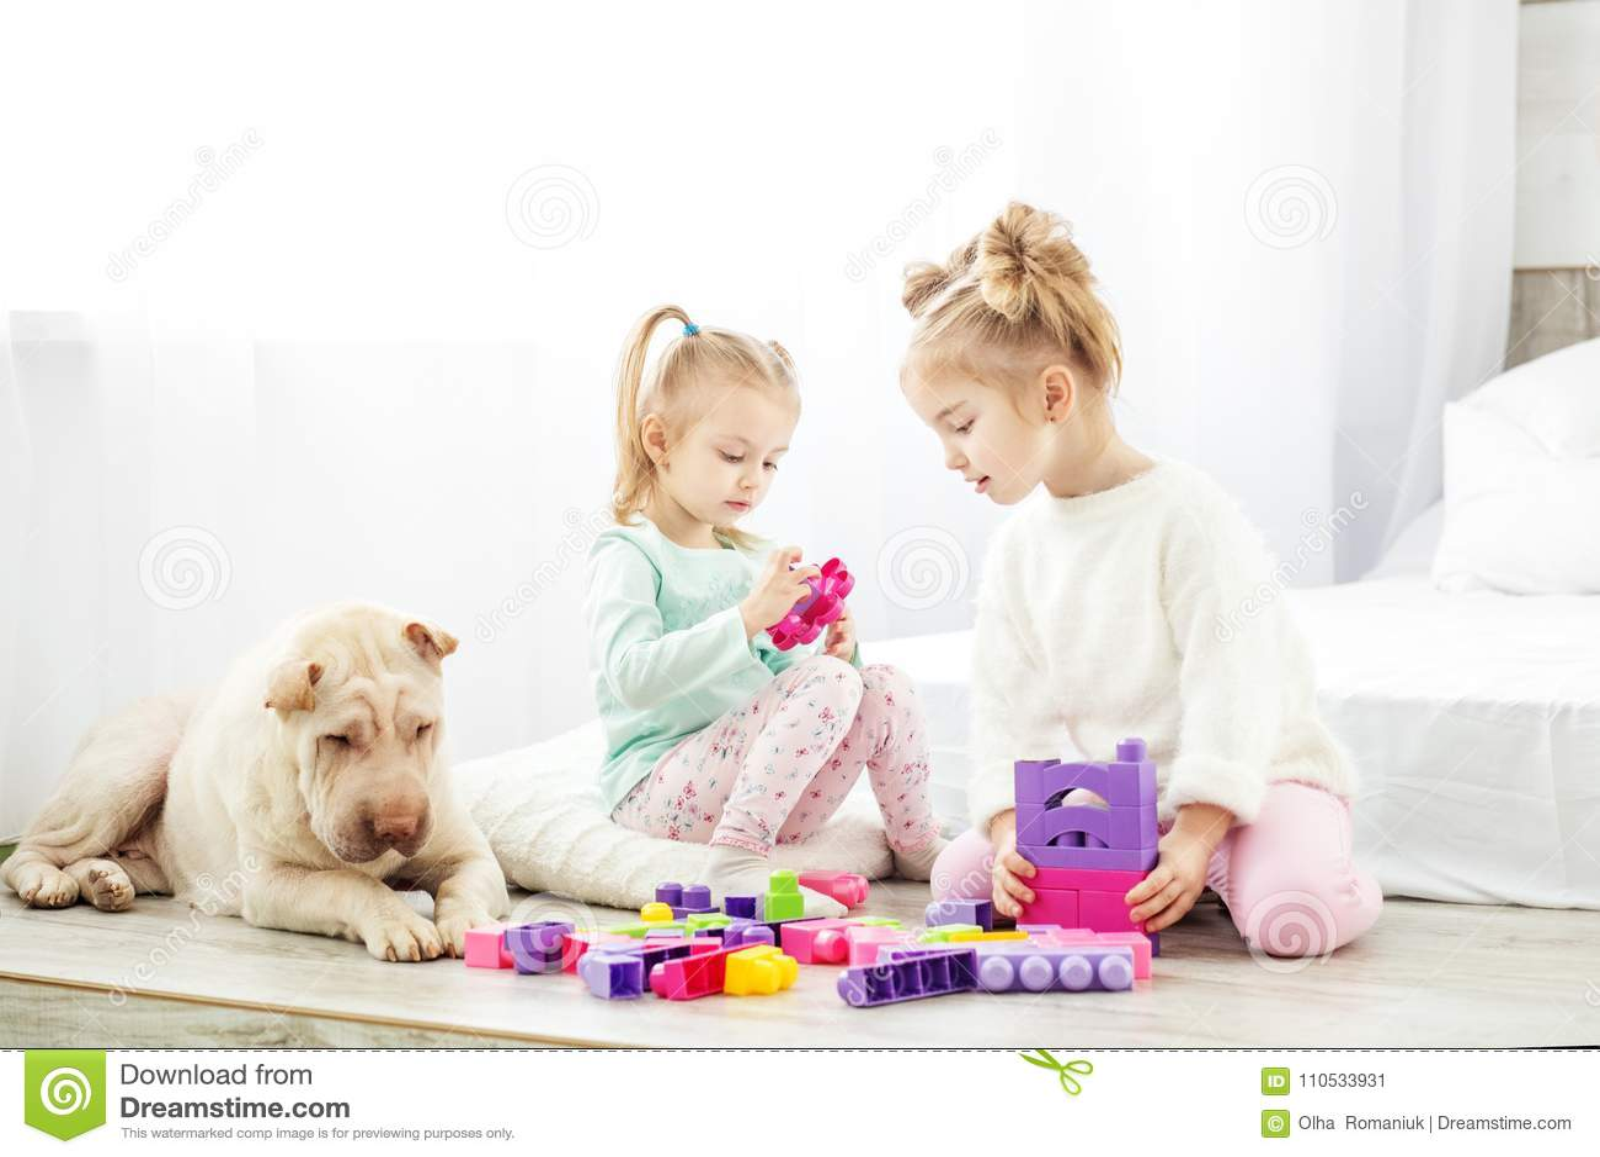 Edukacyjne zabawki dla preschool i dziecina dziecka dziecko dwa